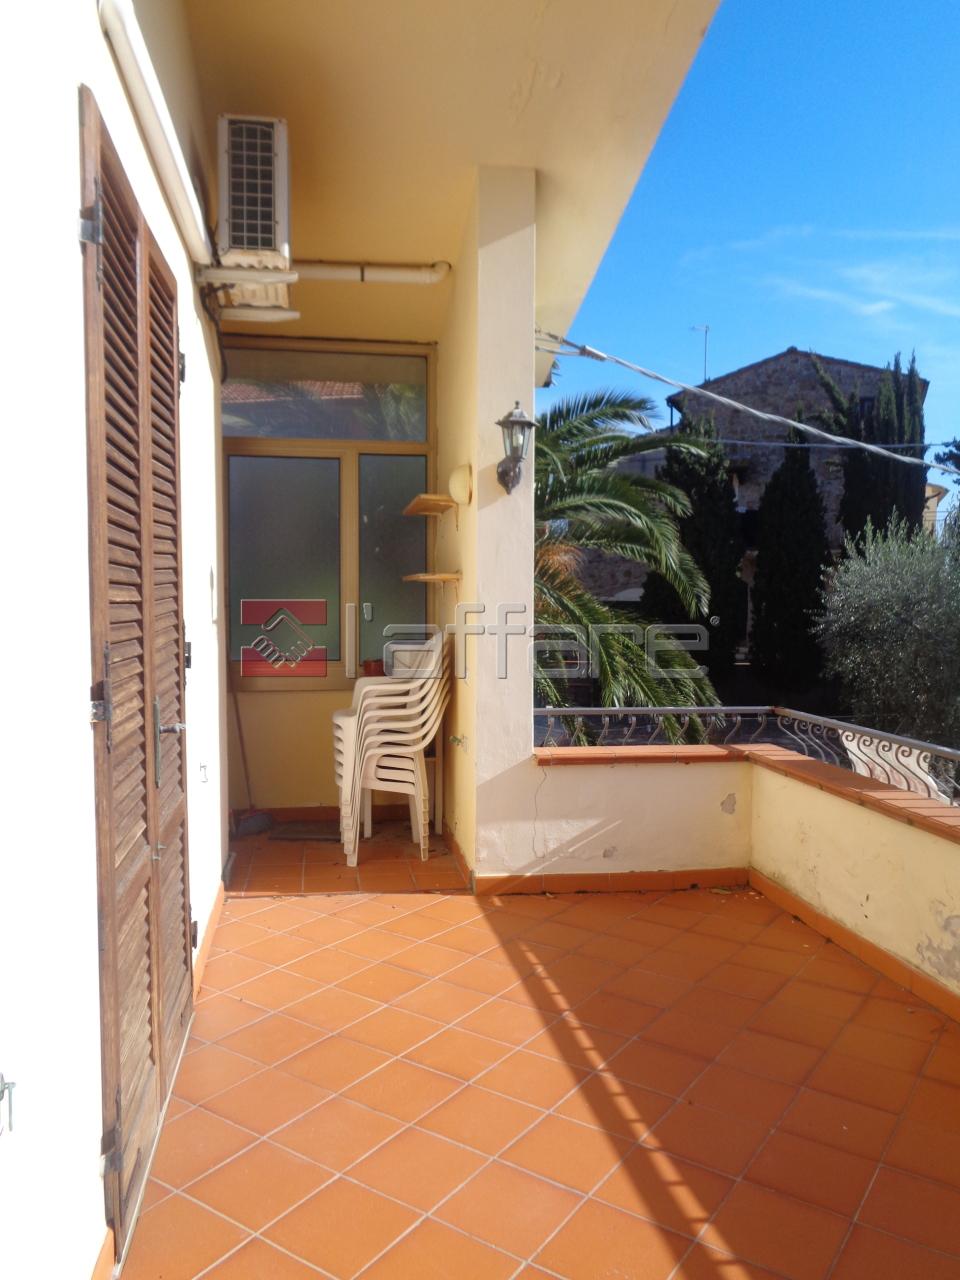 Appartamento ristrutturato in vendita Rif. 4143784